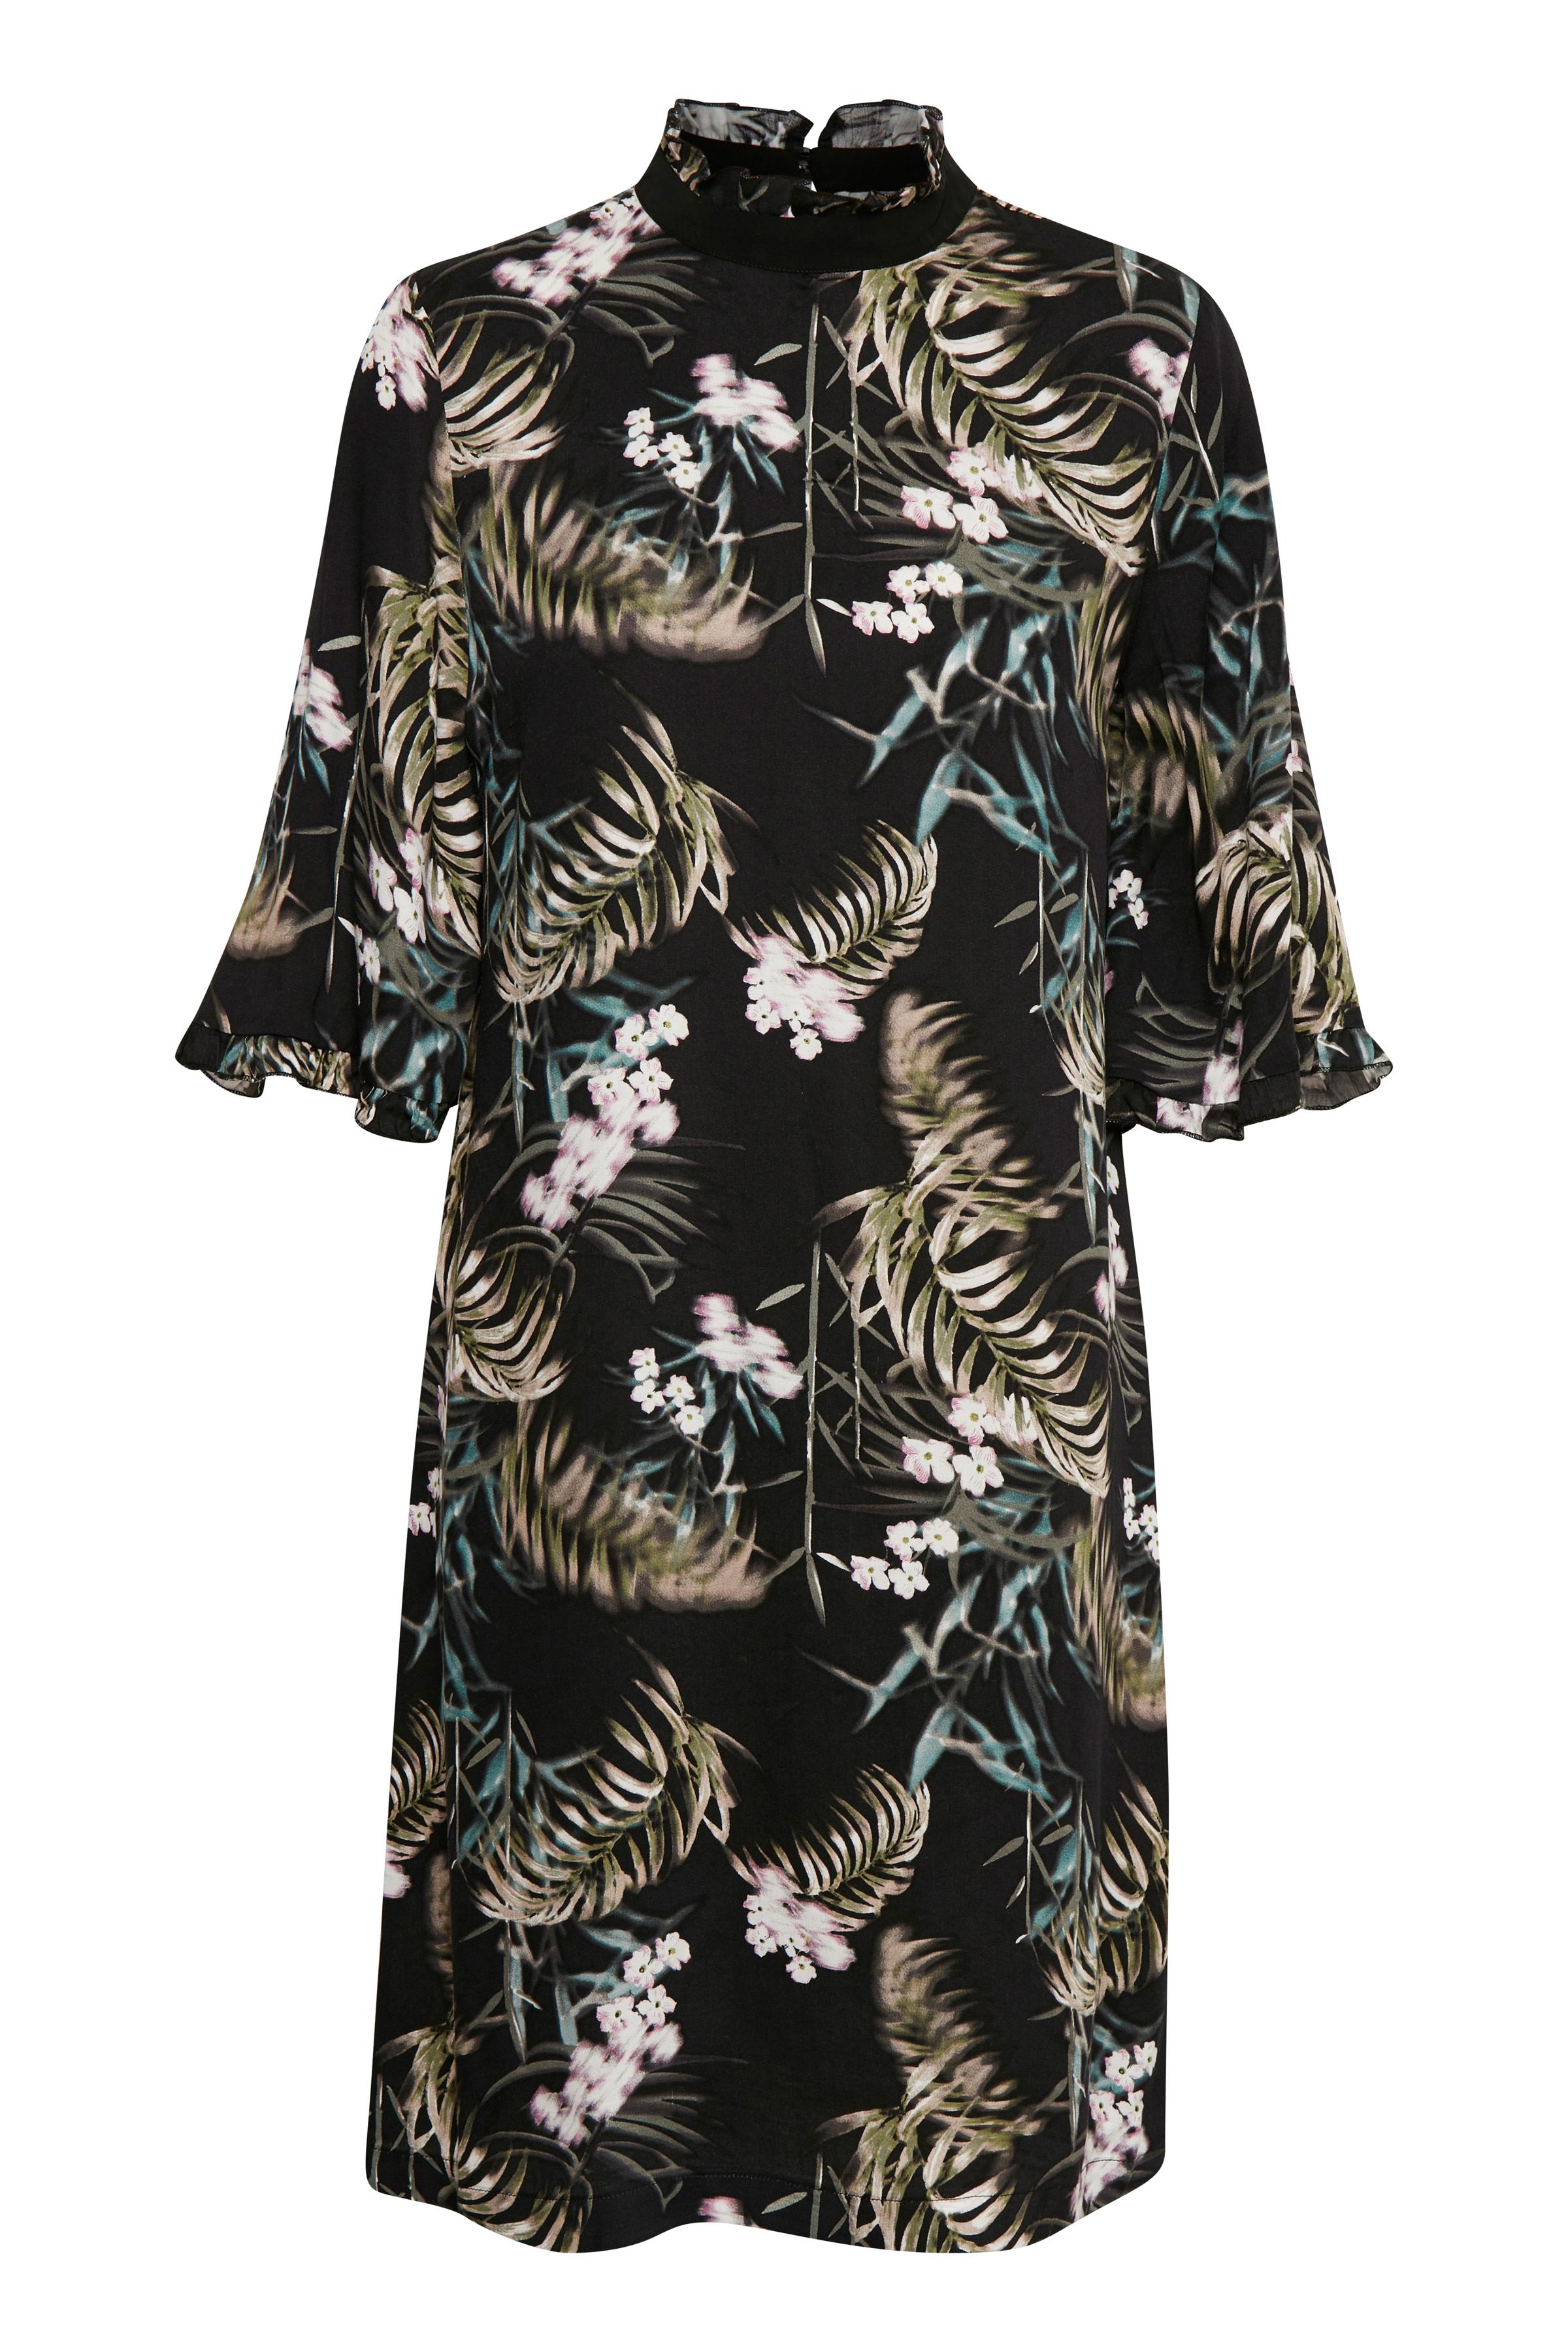 Culture Dame Elis kjole - Sort/olivengrøn